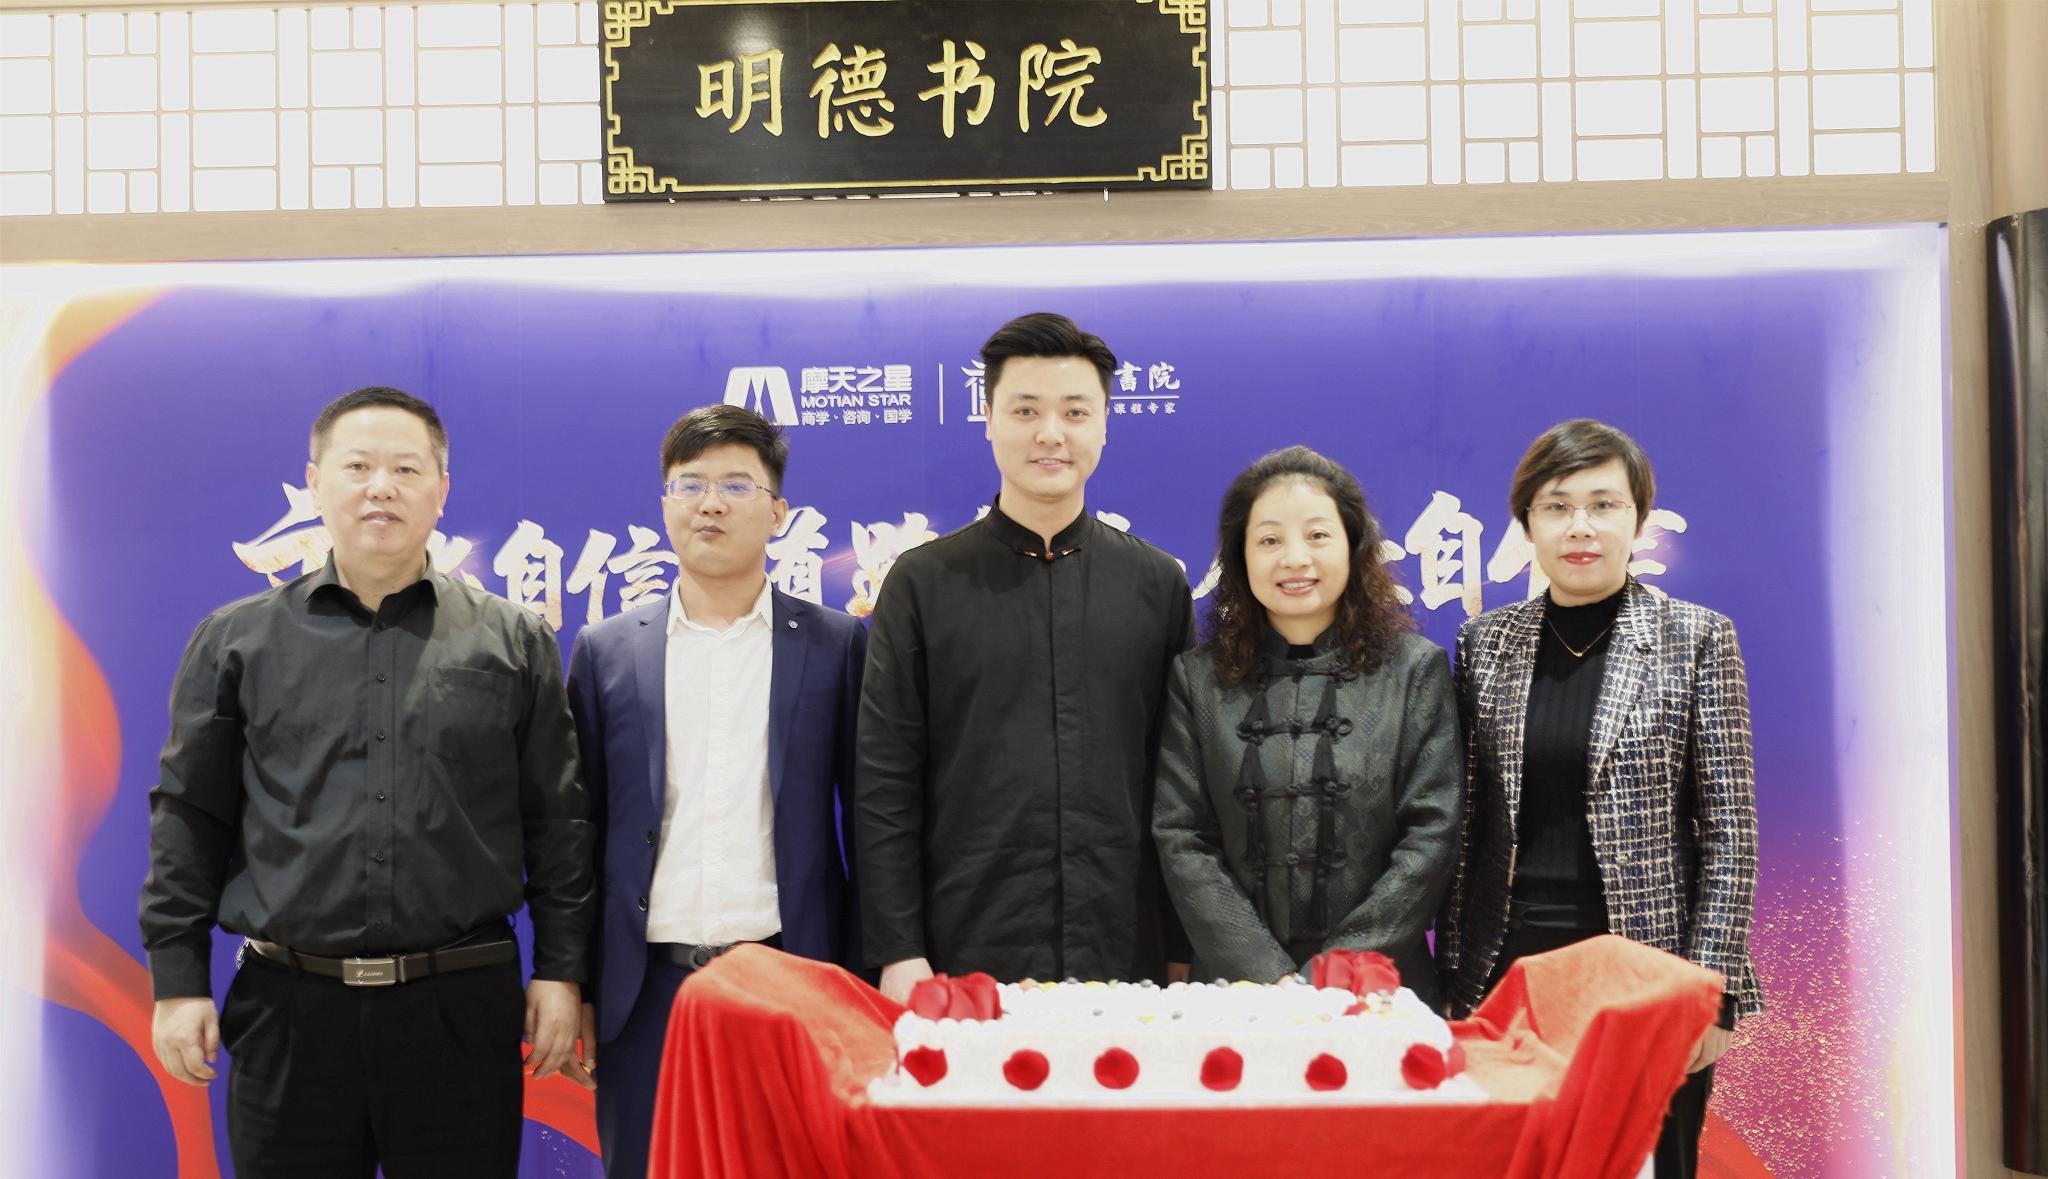 明德书院深圳国学馆开馆一周年庆暨企业文化日圆满落幕!